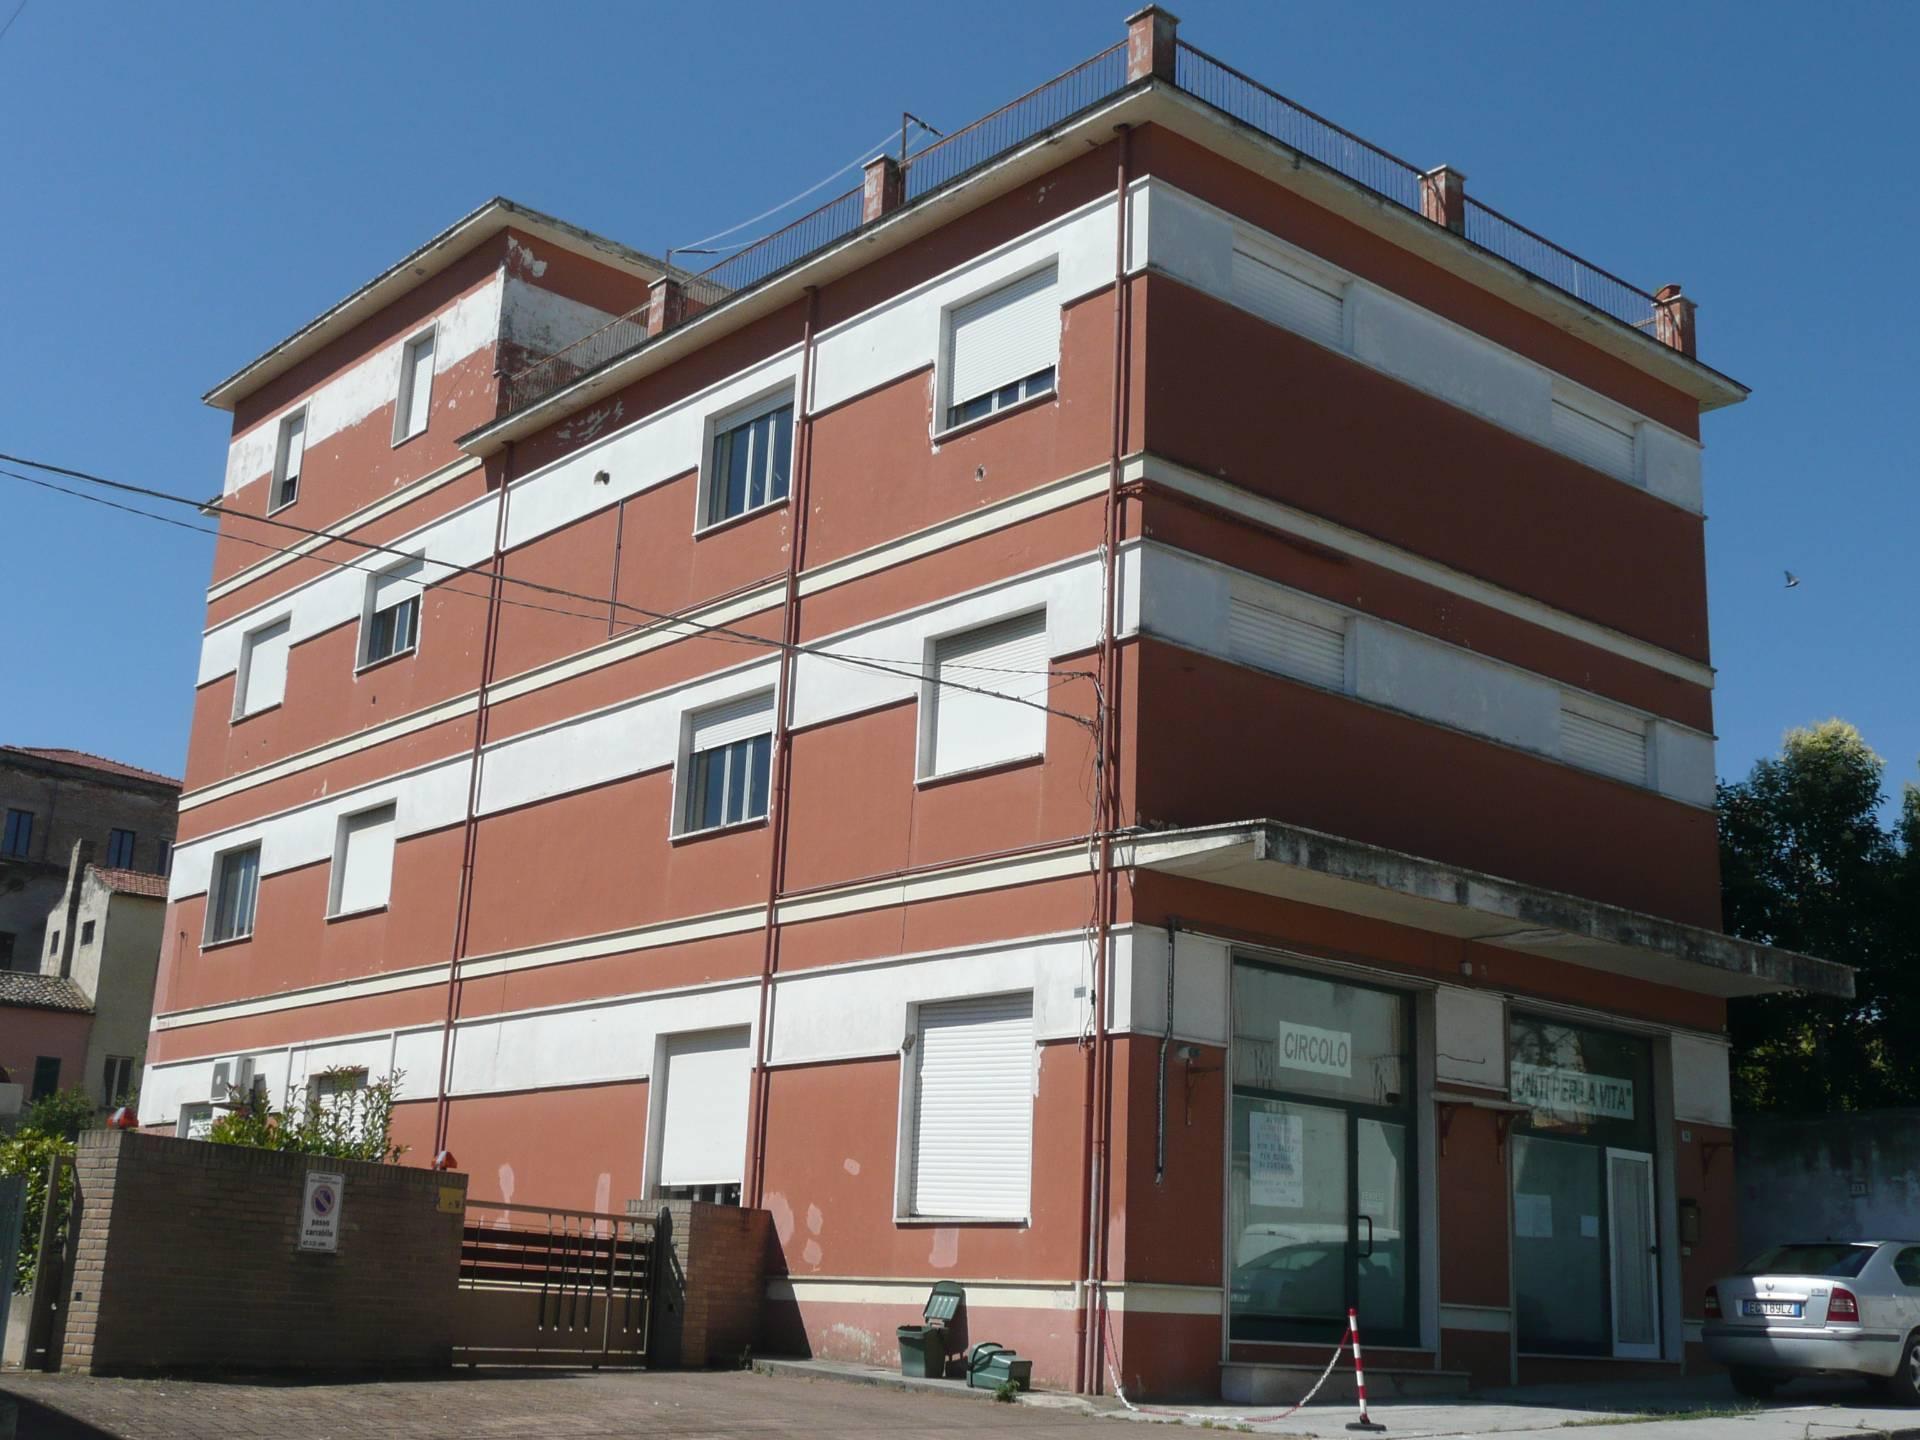 Agriturismo in vendita a Mosciano Sant'Angelo, 9999 locali, prezzo € 180.000 | CambioCasa.it